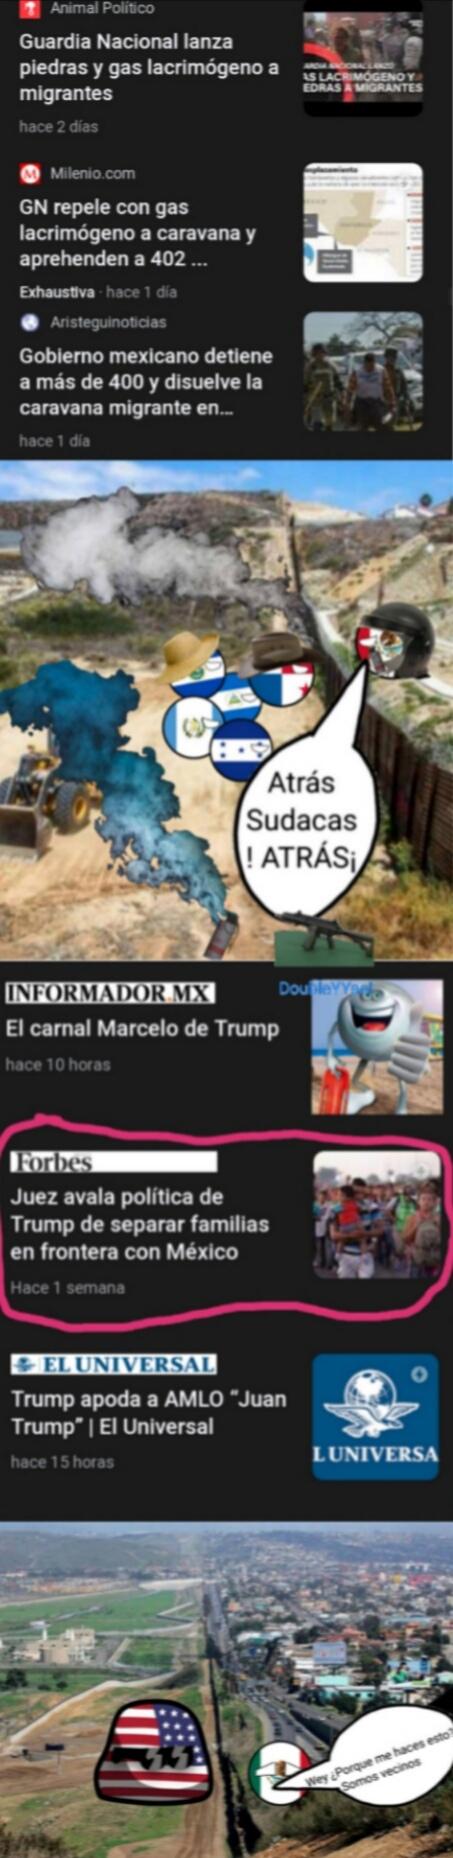 Todas las noticias son reales - meme